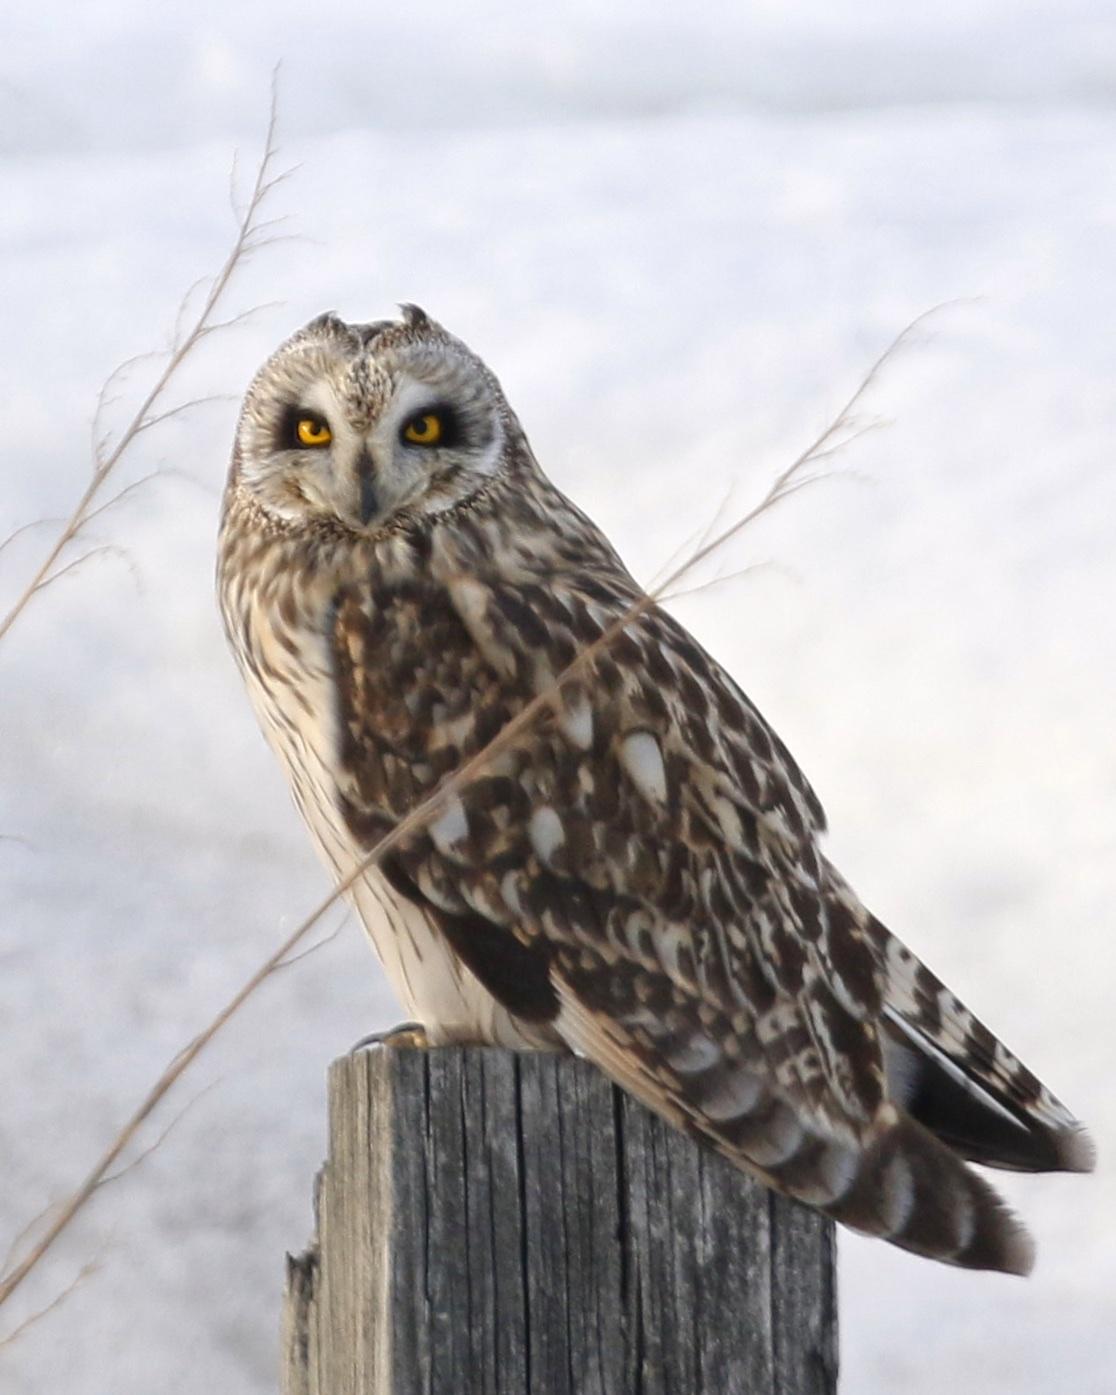 ~Black Dirt Short-eared Owl, 2/22/15.~